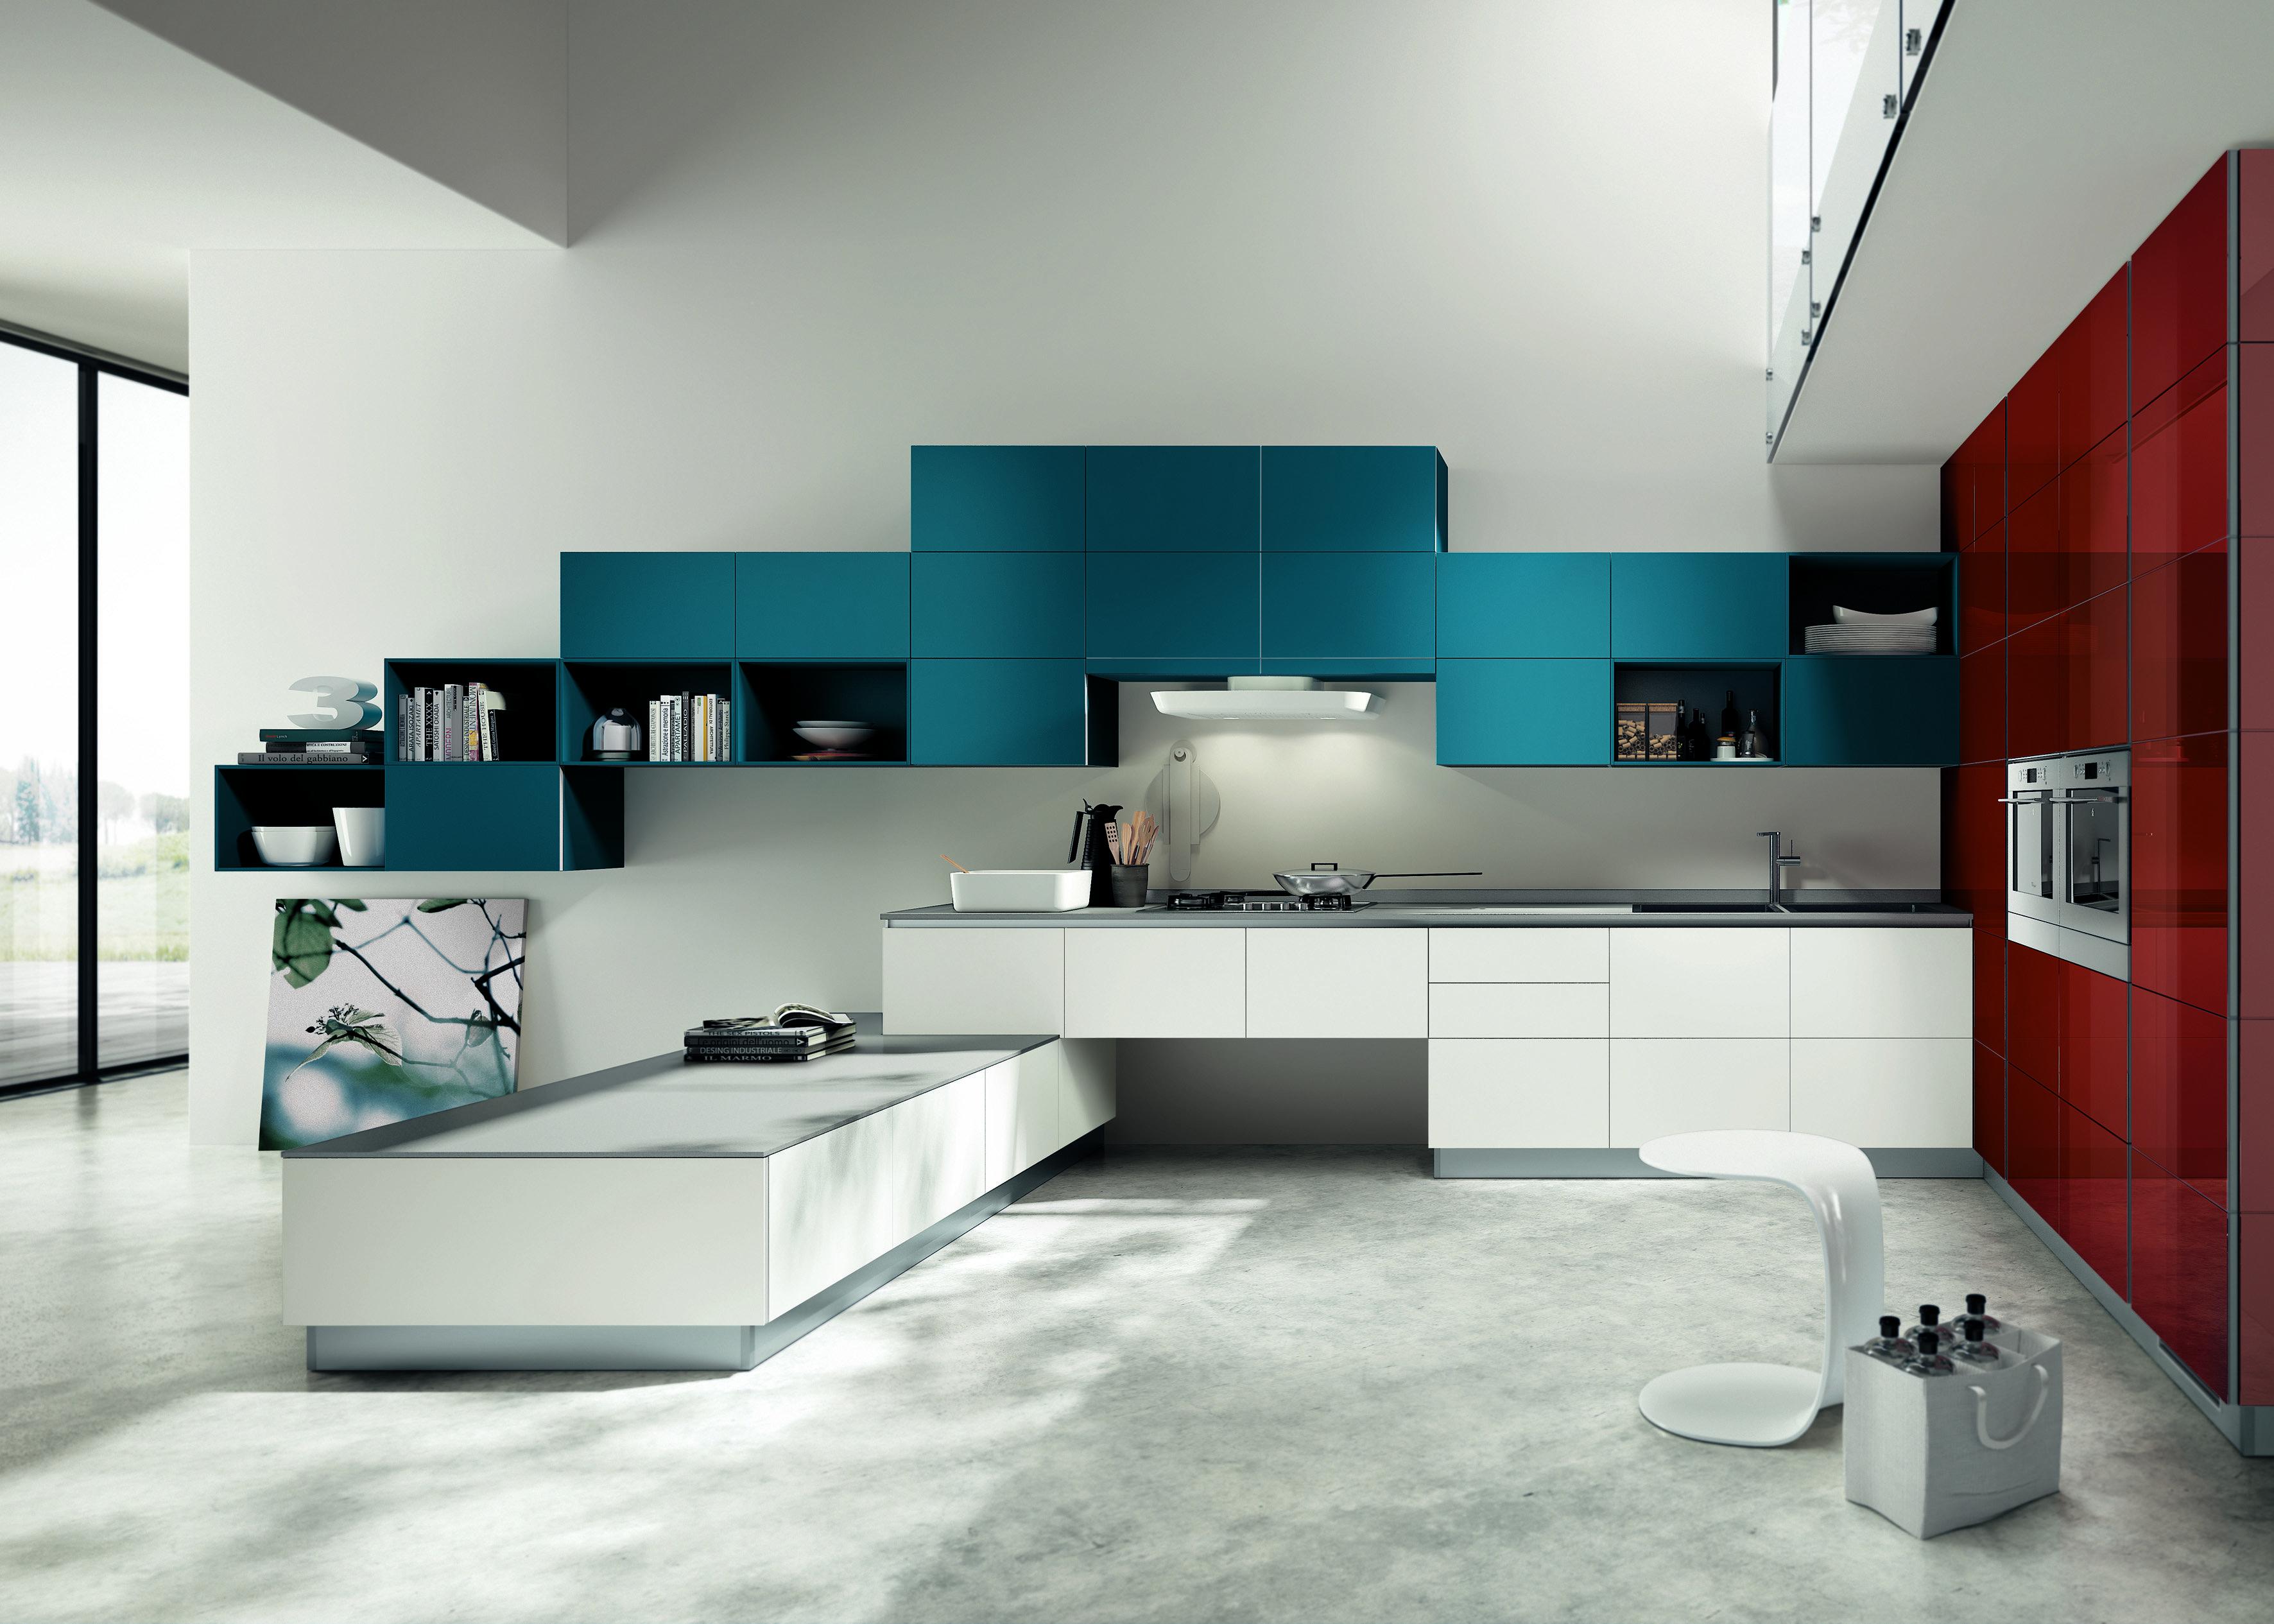 Cucina in bianco più colore: le nuove composizioni moderne - Cose ...